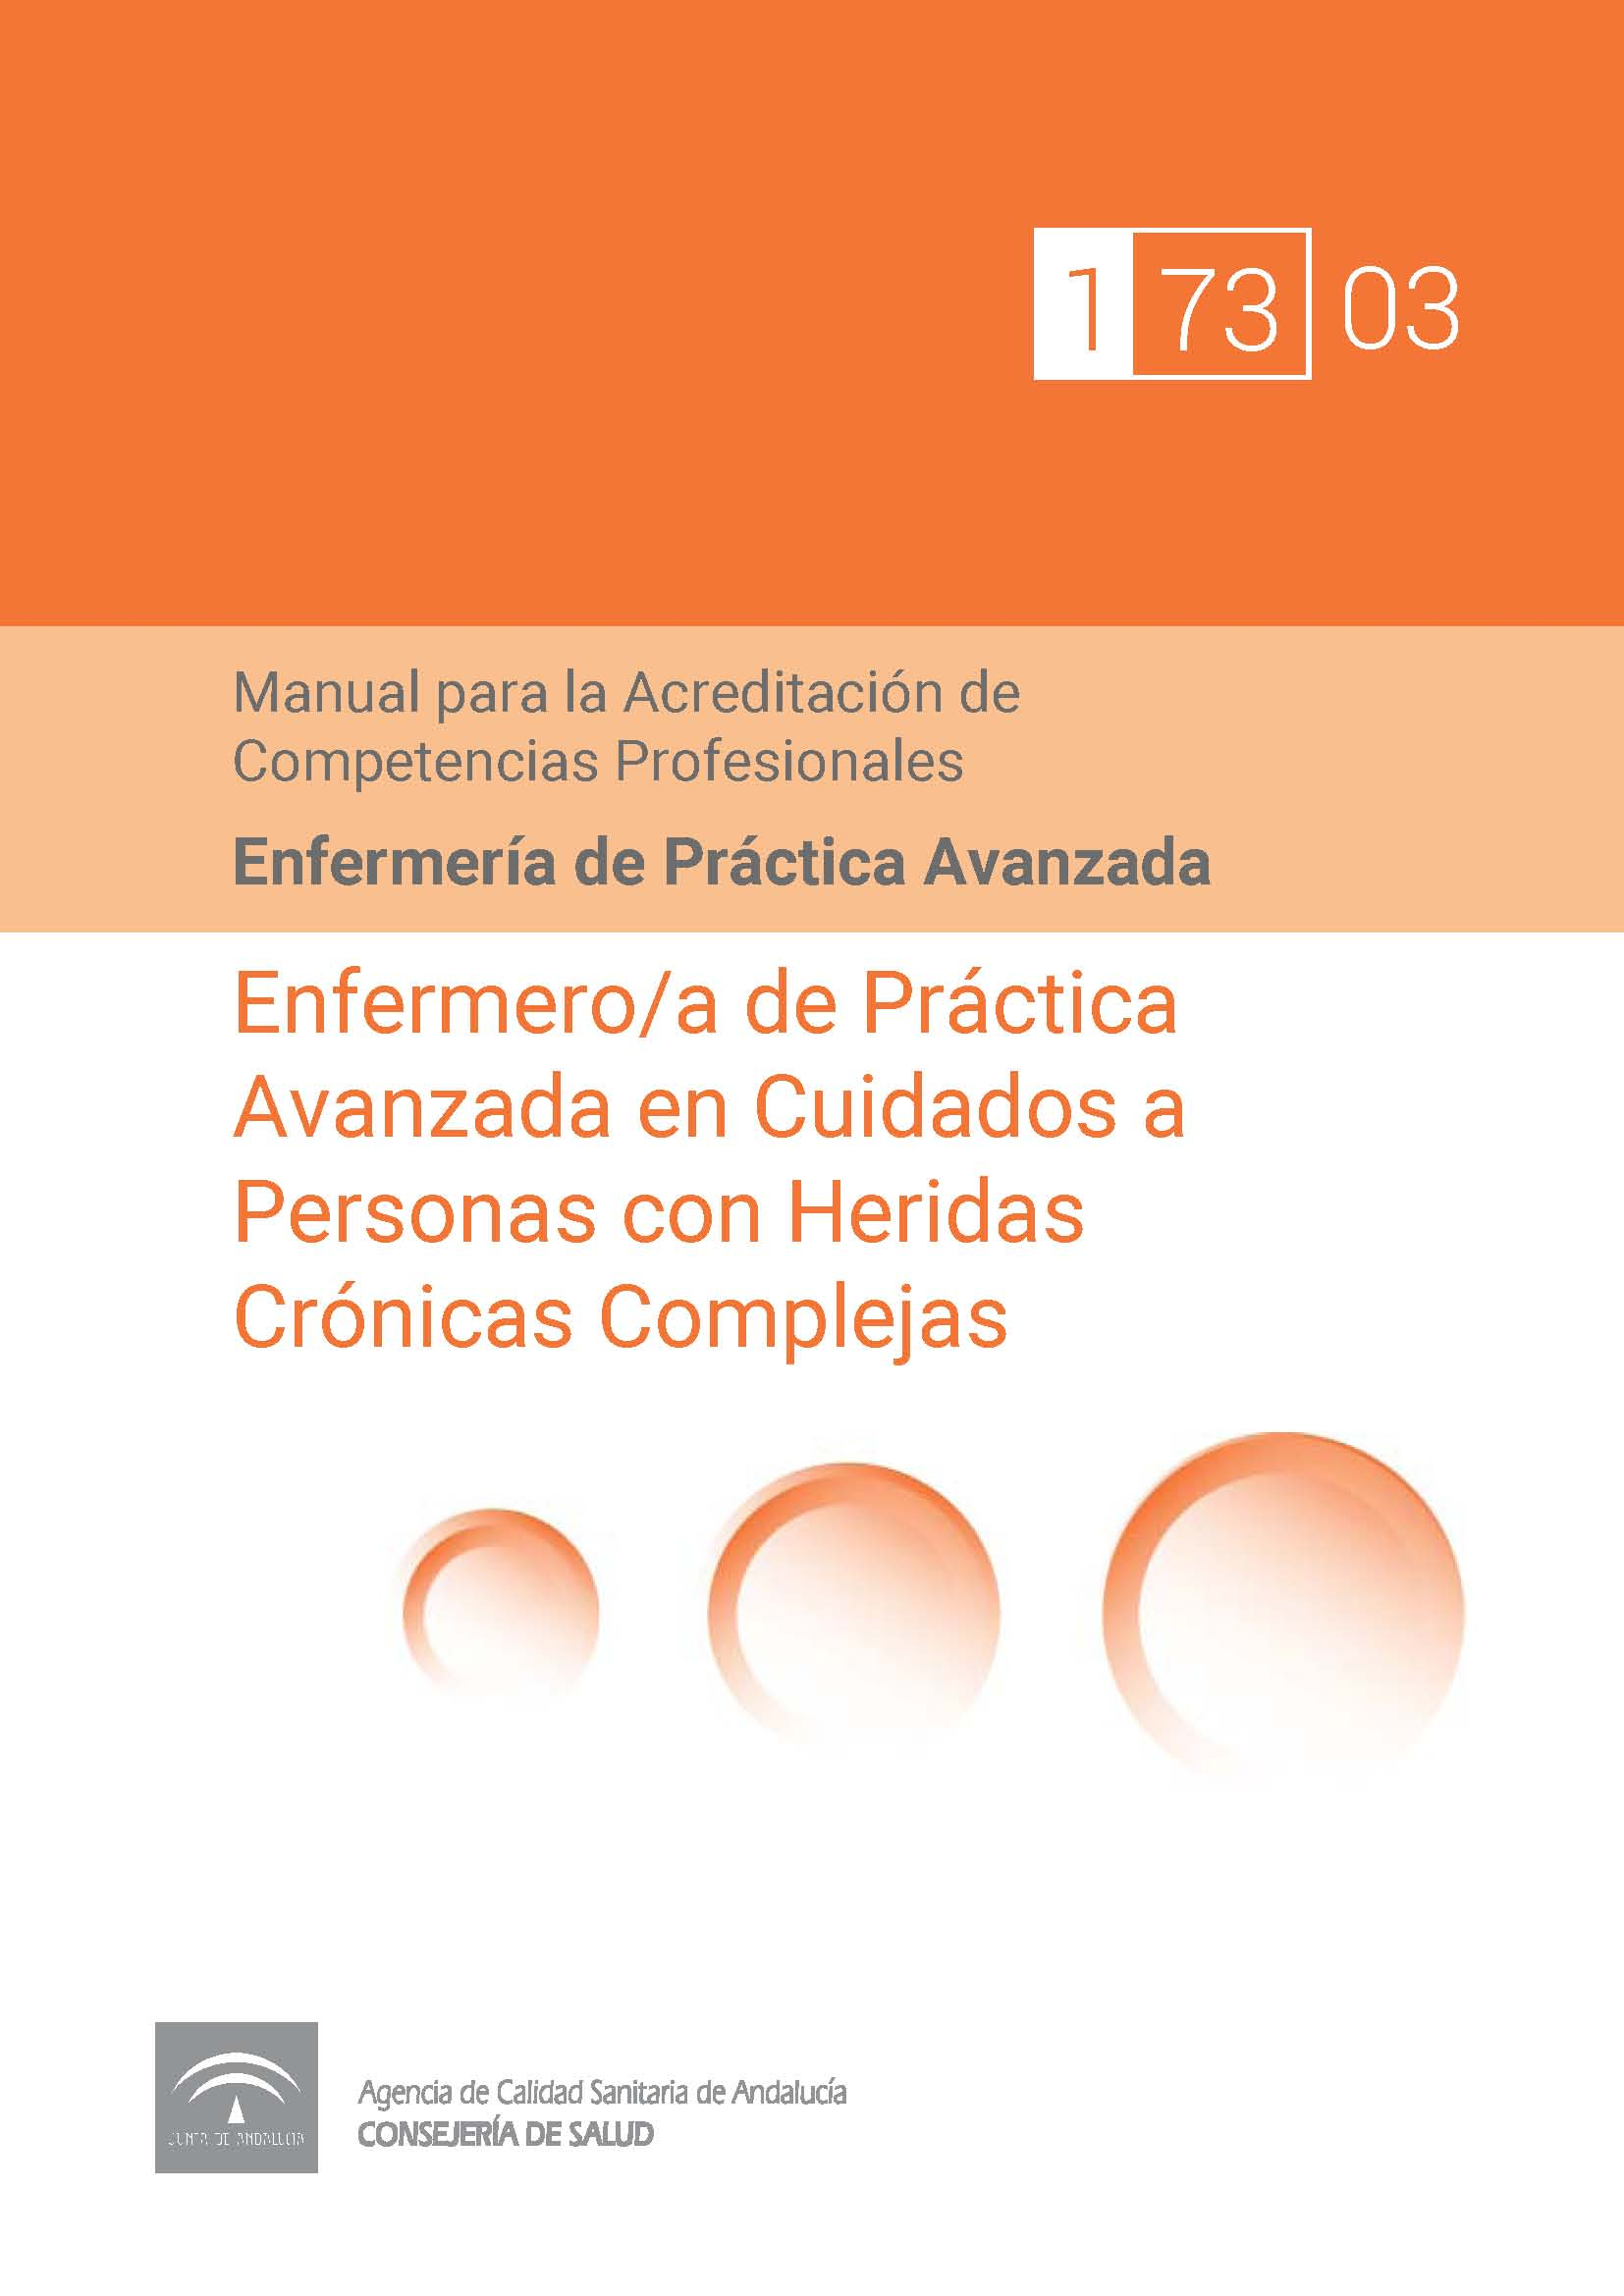 Manual de Competencias Profesionales del/de la Enfermero/a de Práctica Avanzada en Cuidados a Personas con Heridas Crónicas Complejas